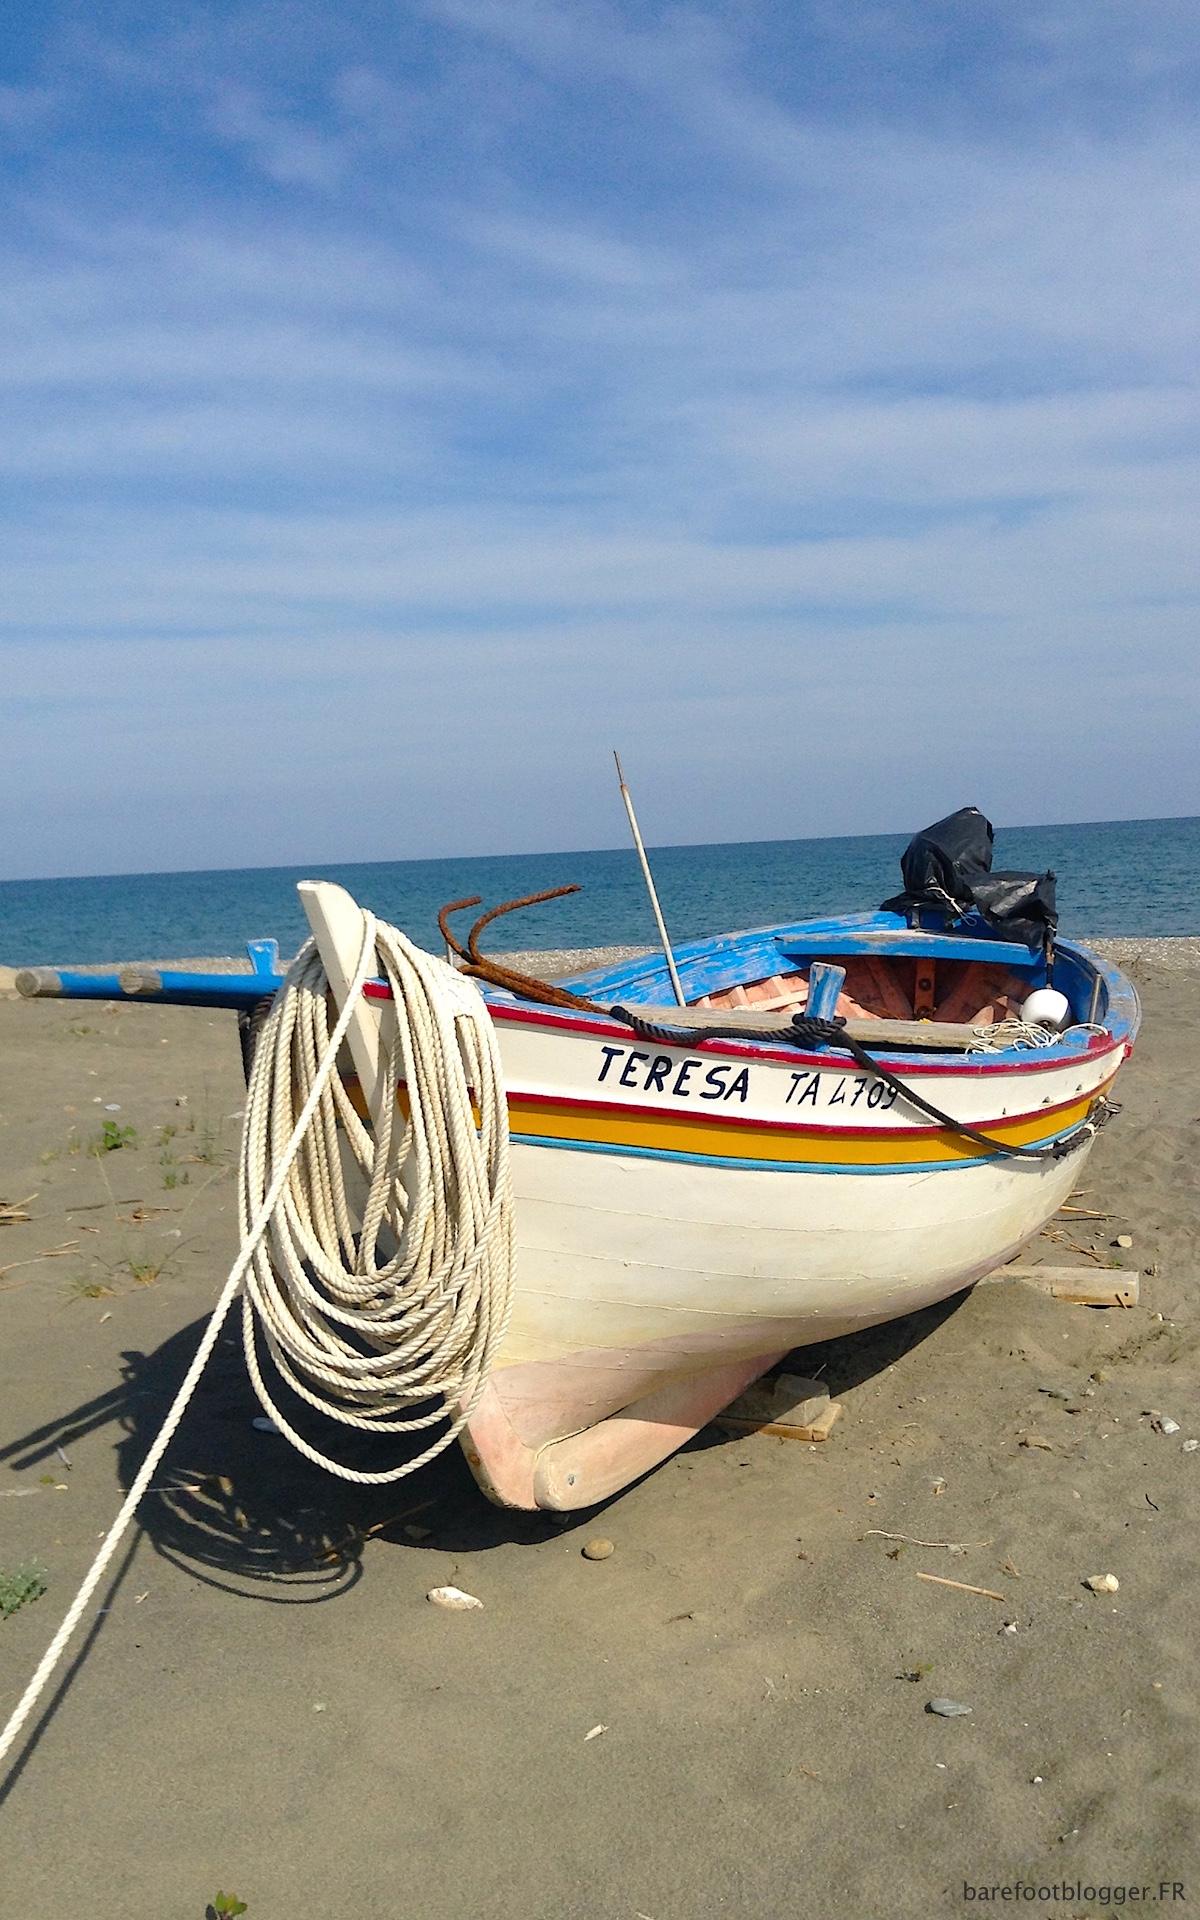 Off Italy's Beaten Track: Nova Siri and the Ionian Sea.